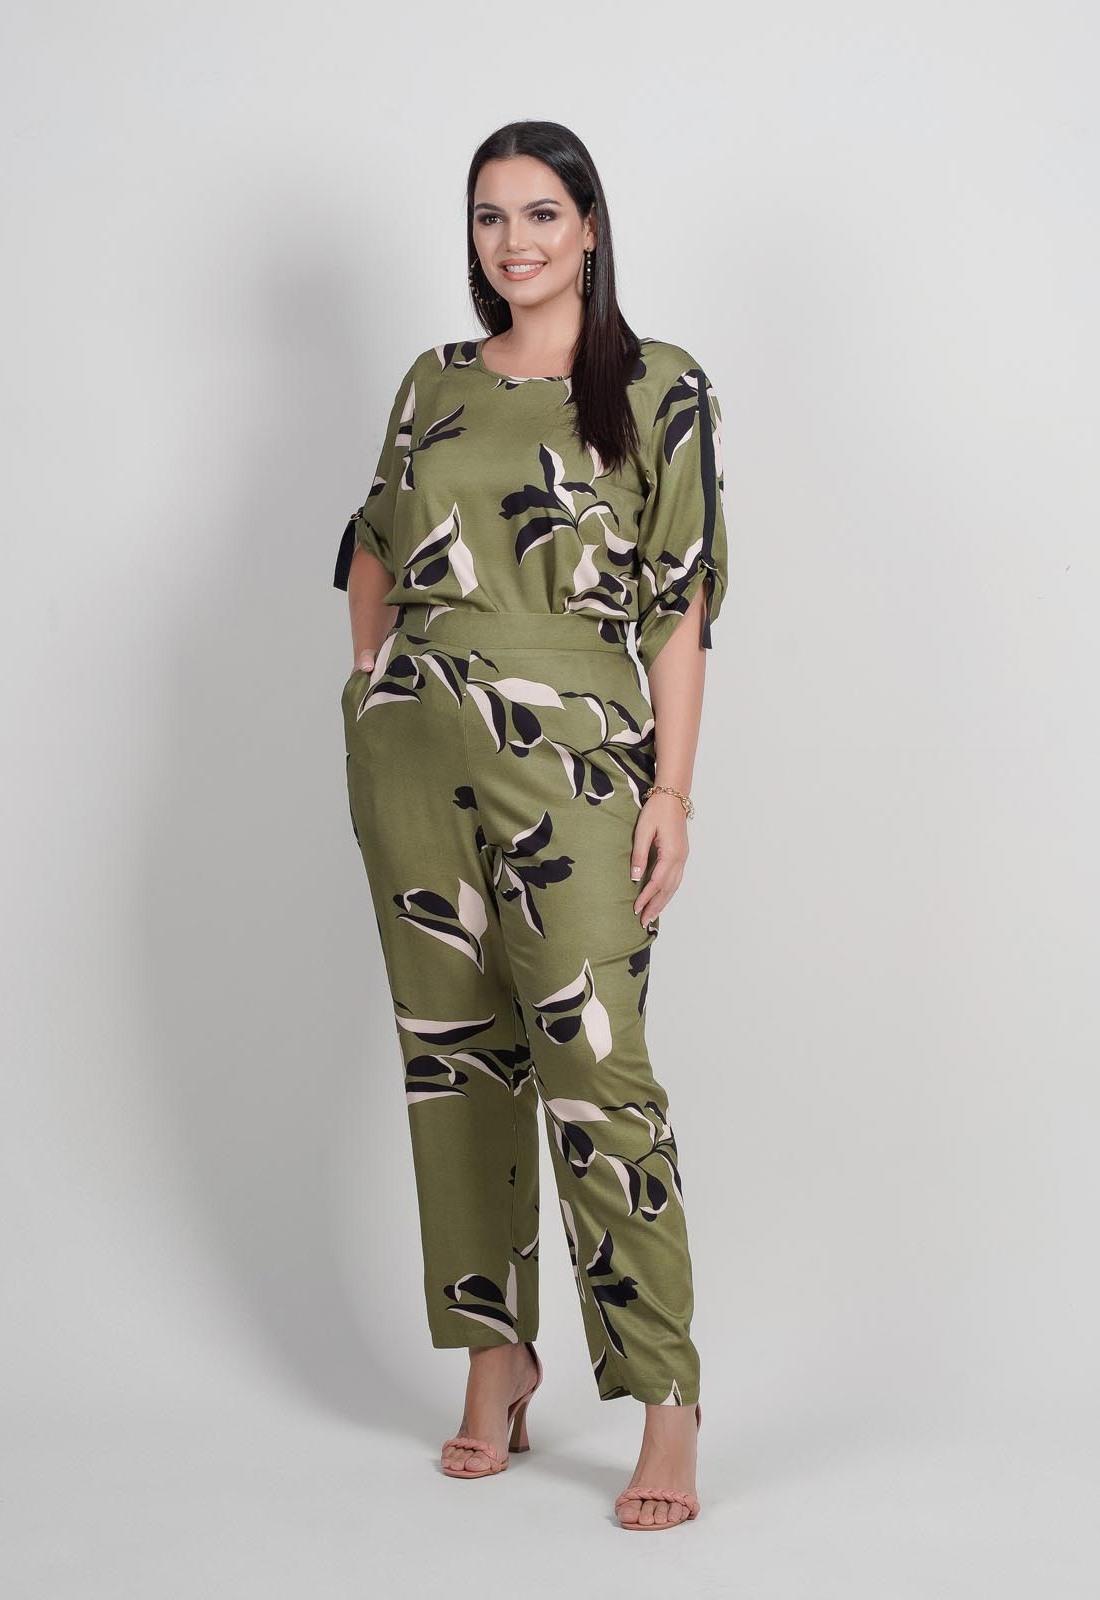 Conjunto militar calça  e blusa plus size  Ref. U64621